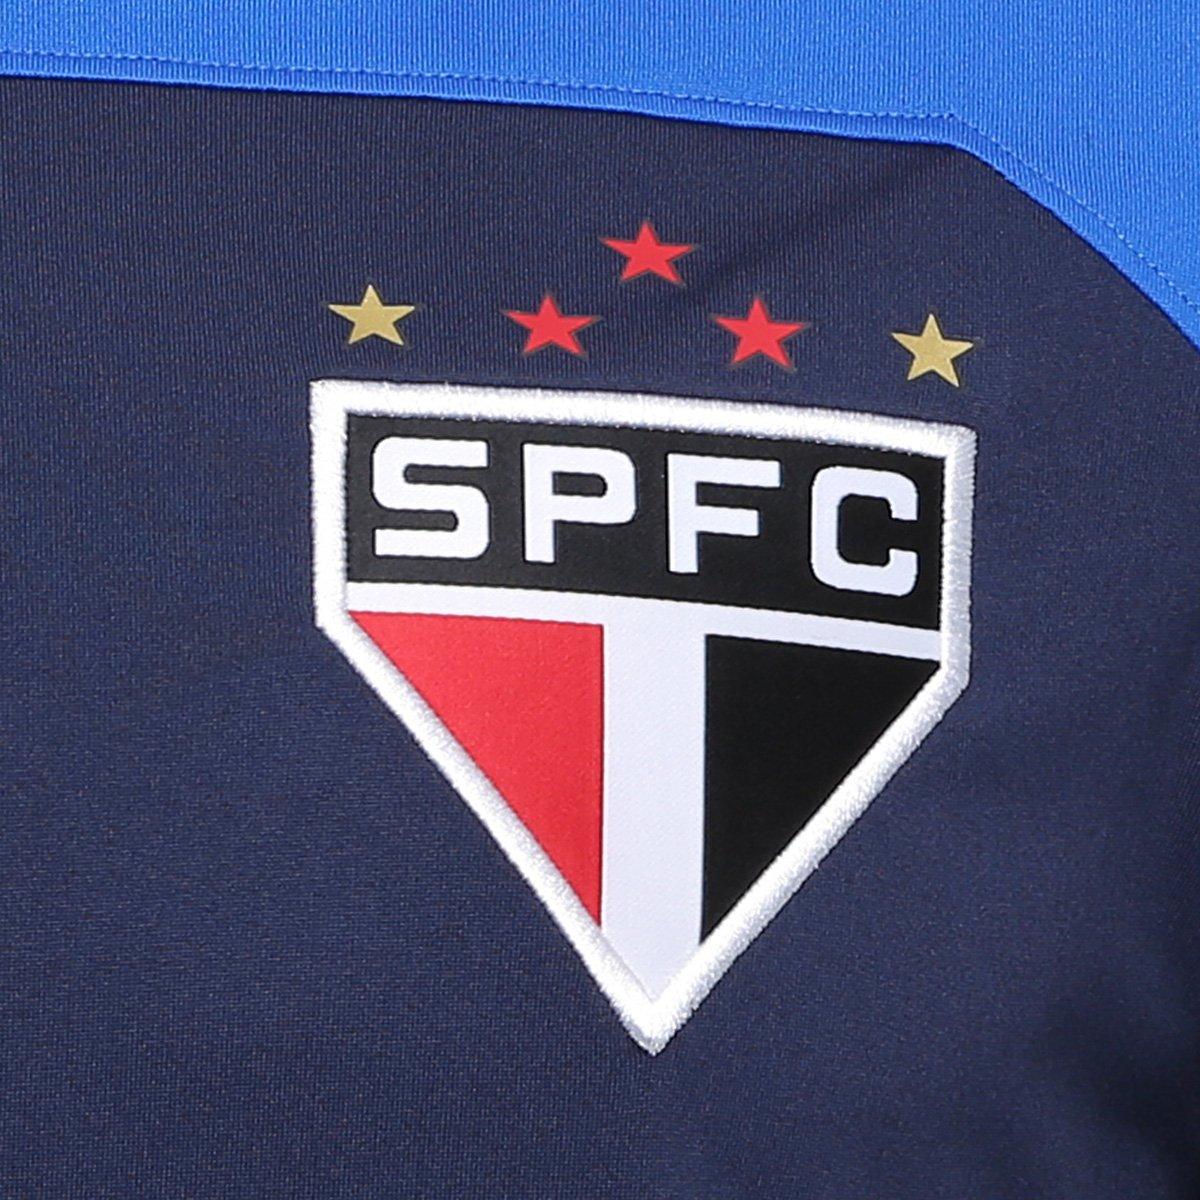 0761168d6e801 Camisa São Paulo Goleiro 17/18 s/nº - Torcedor Under Armour Masculina |  Livelo -Sua Vida com Mais Recompensas